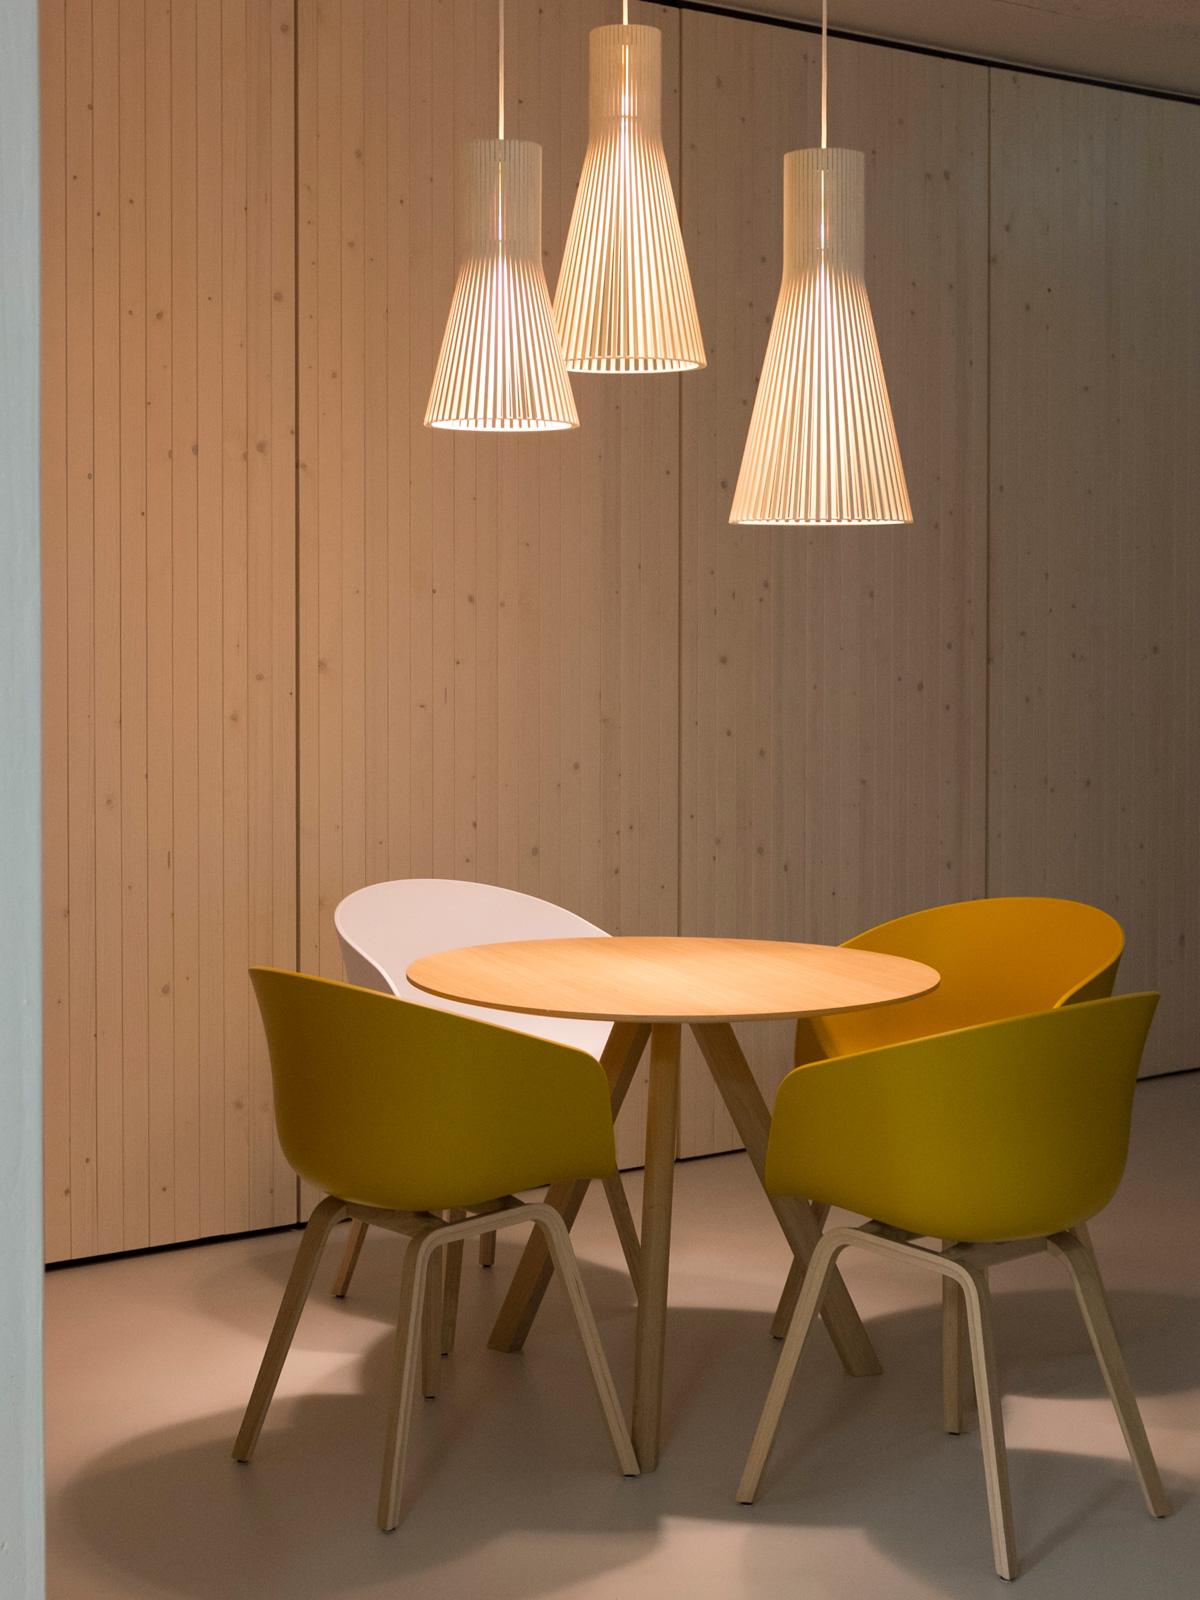 DesignOrt Blog: Finnische Designerleuchten Secto 4200 Secto Design